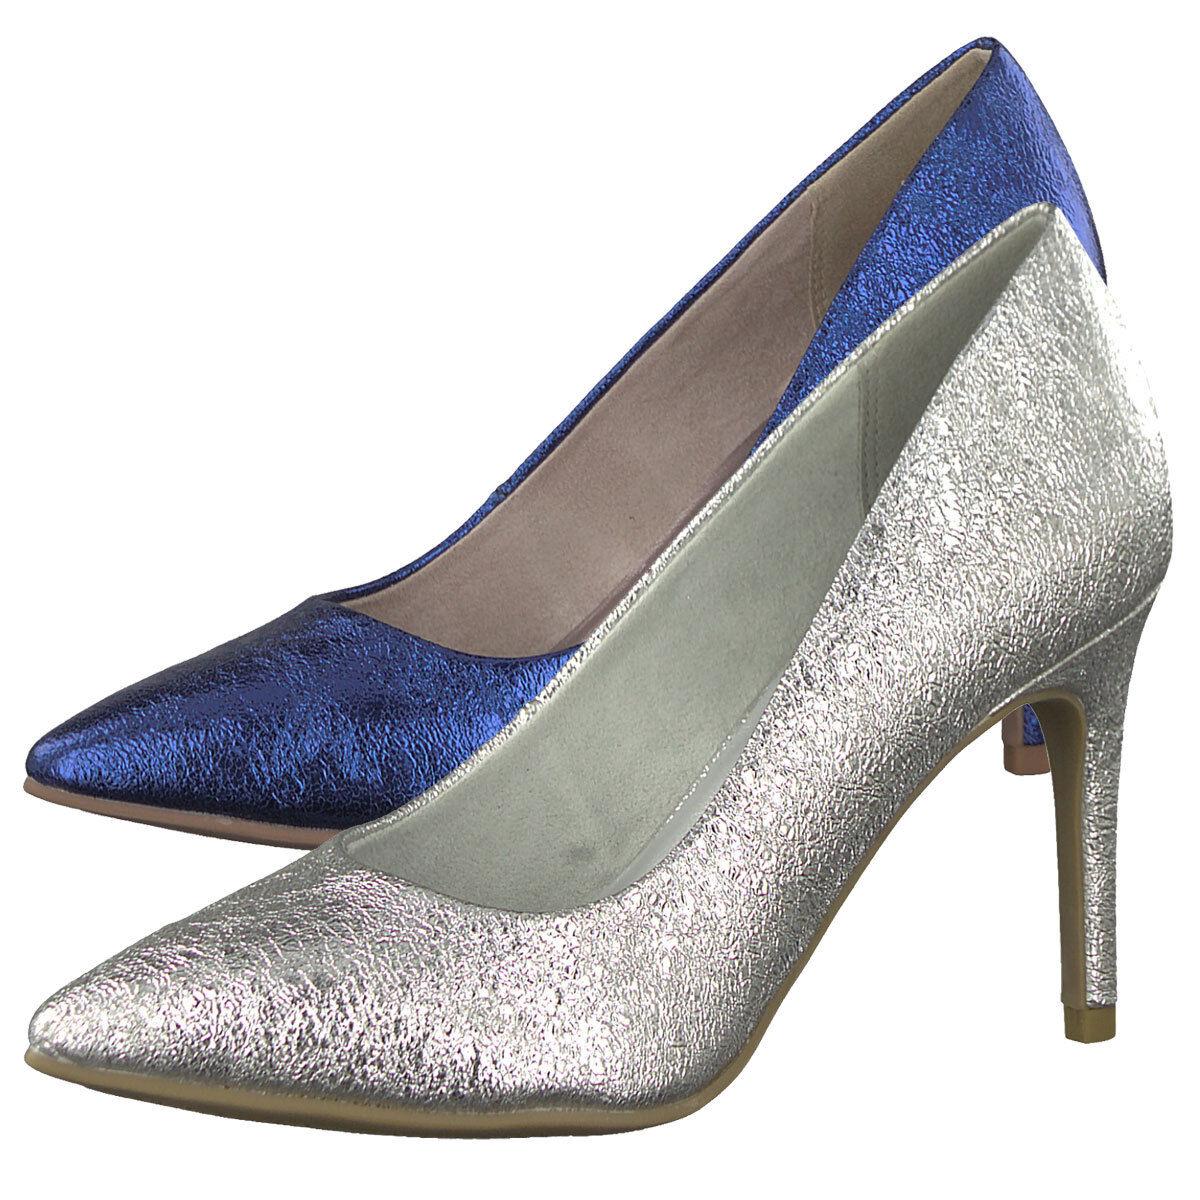 Tamaris Pumps 1-22427-20 Metallic High Heels Cracked-Optik